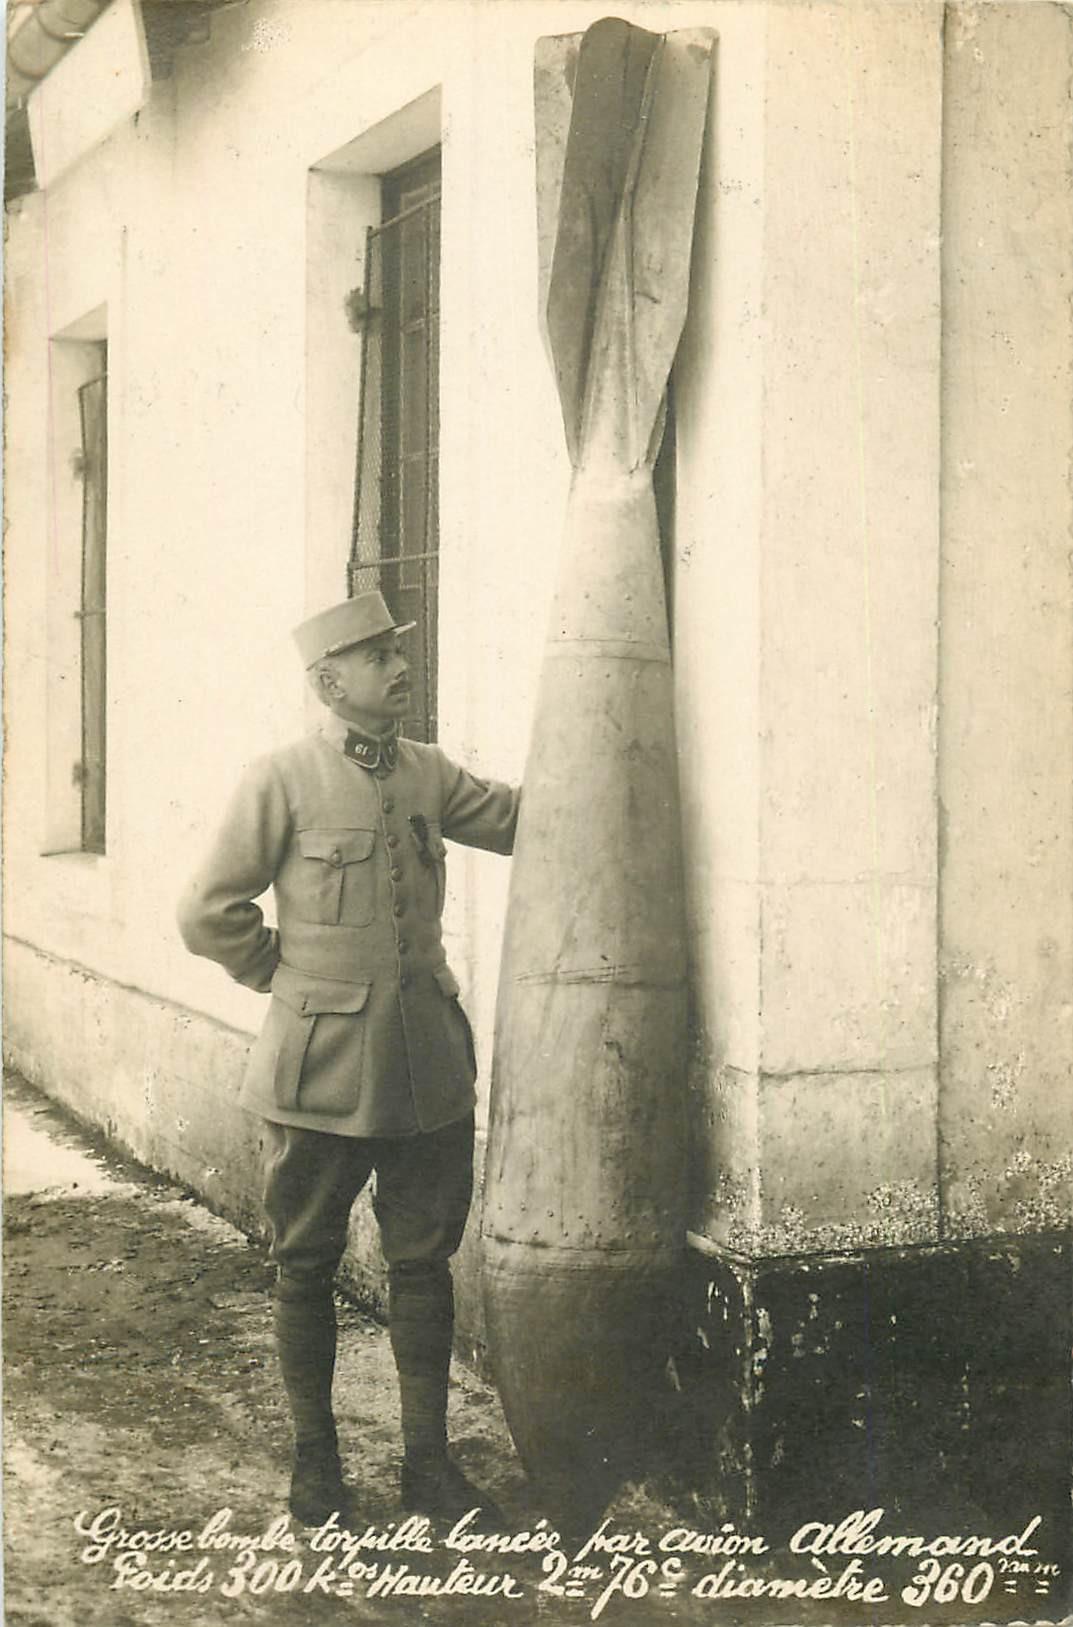 MILITAIRES. Grosse bombe torpille lancée par Avon allemand de 300kg 1918